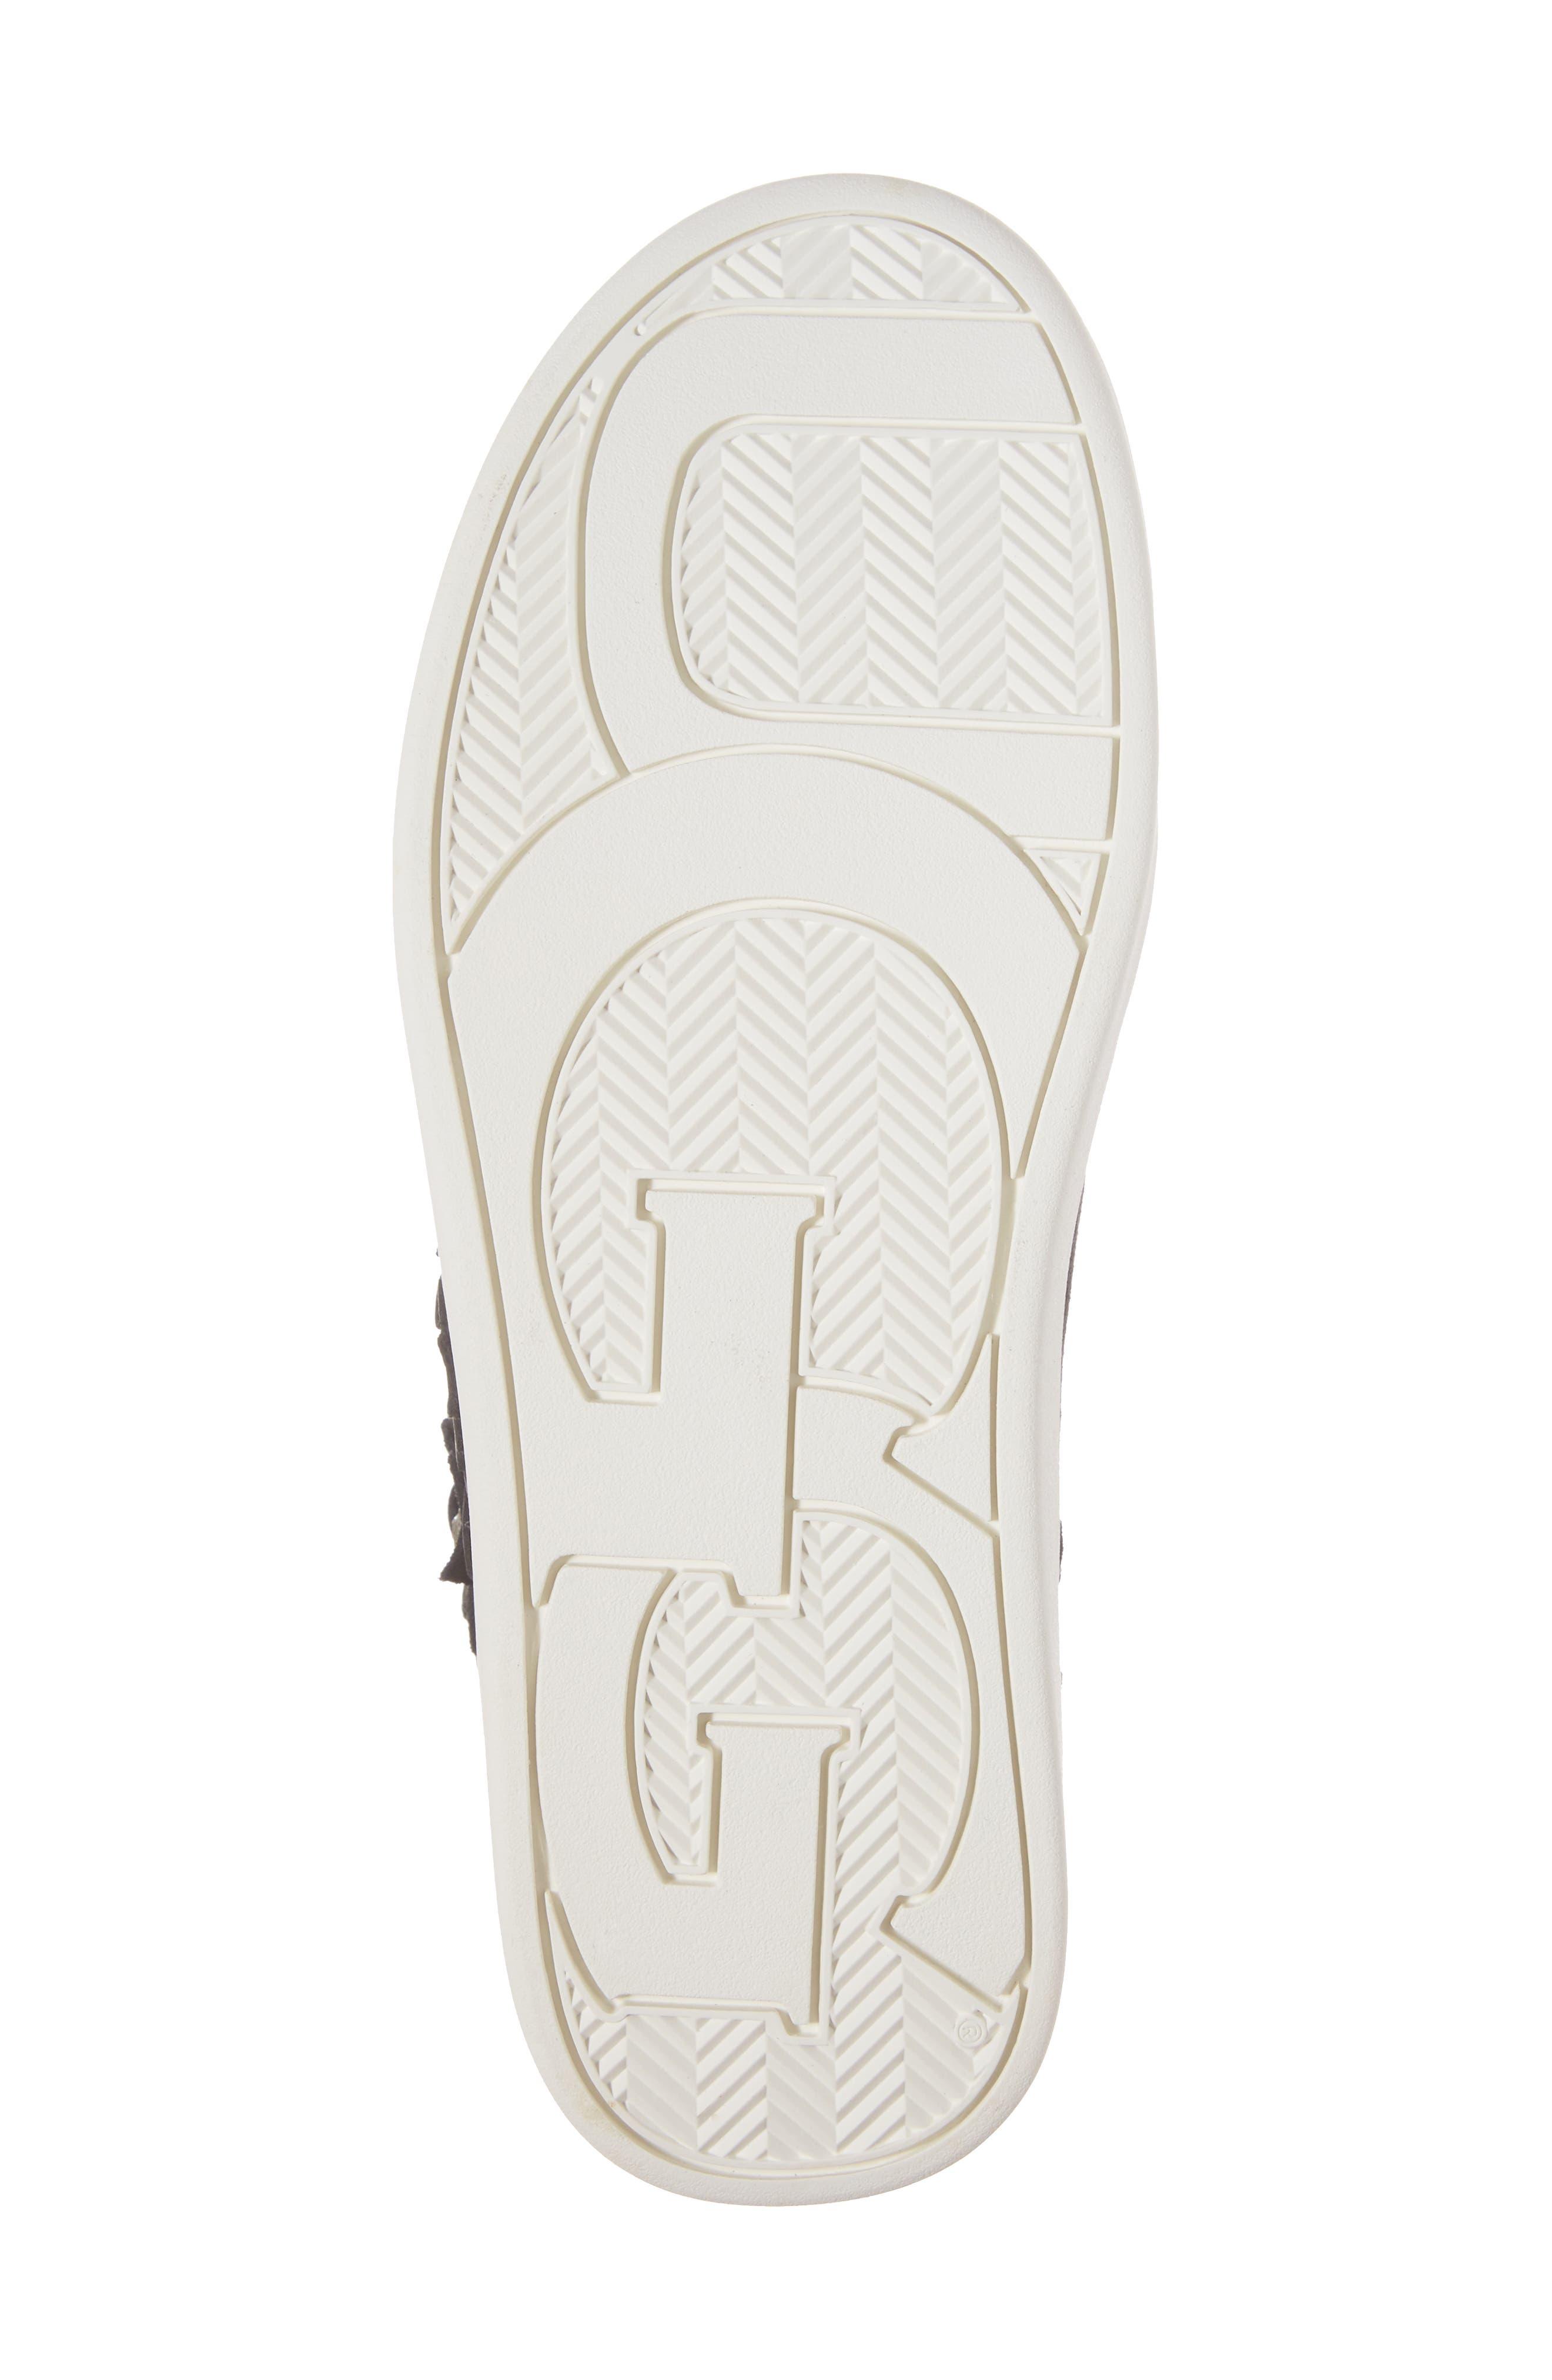 Schyler Petal Embellished High Top Sneaker,                             Alternate thumbnail 6, color,                             001